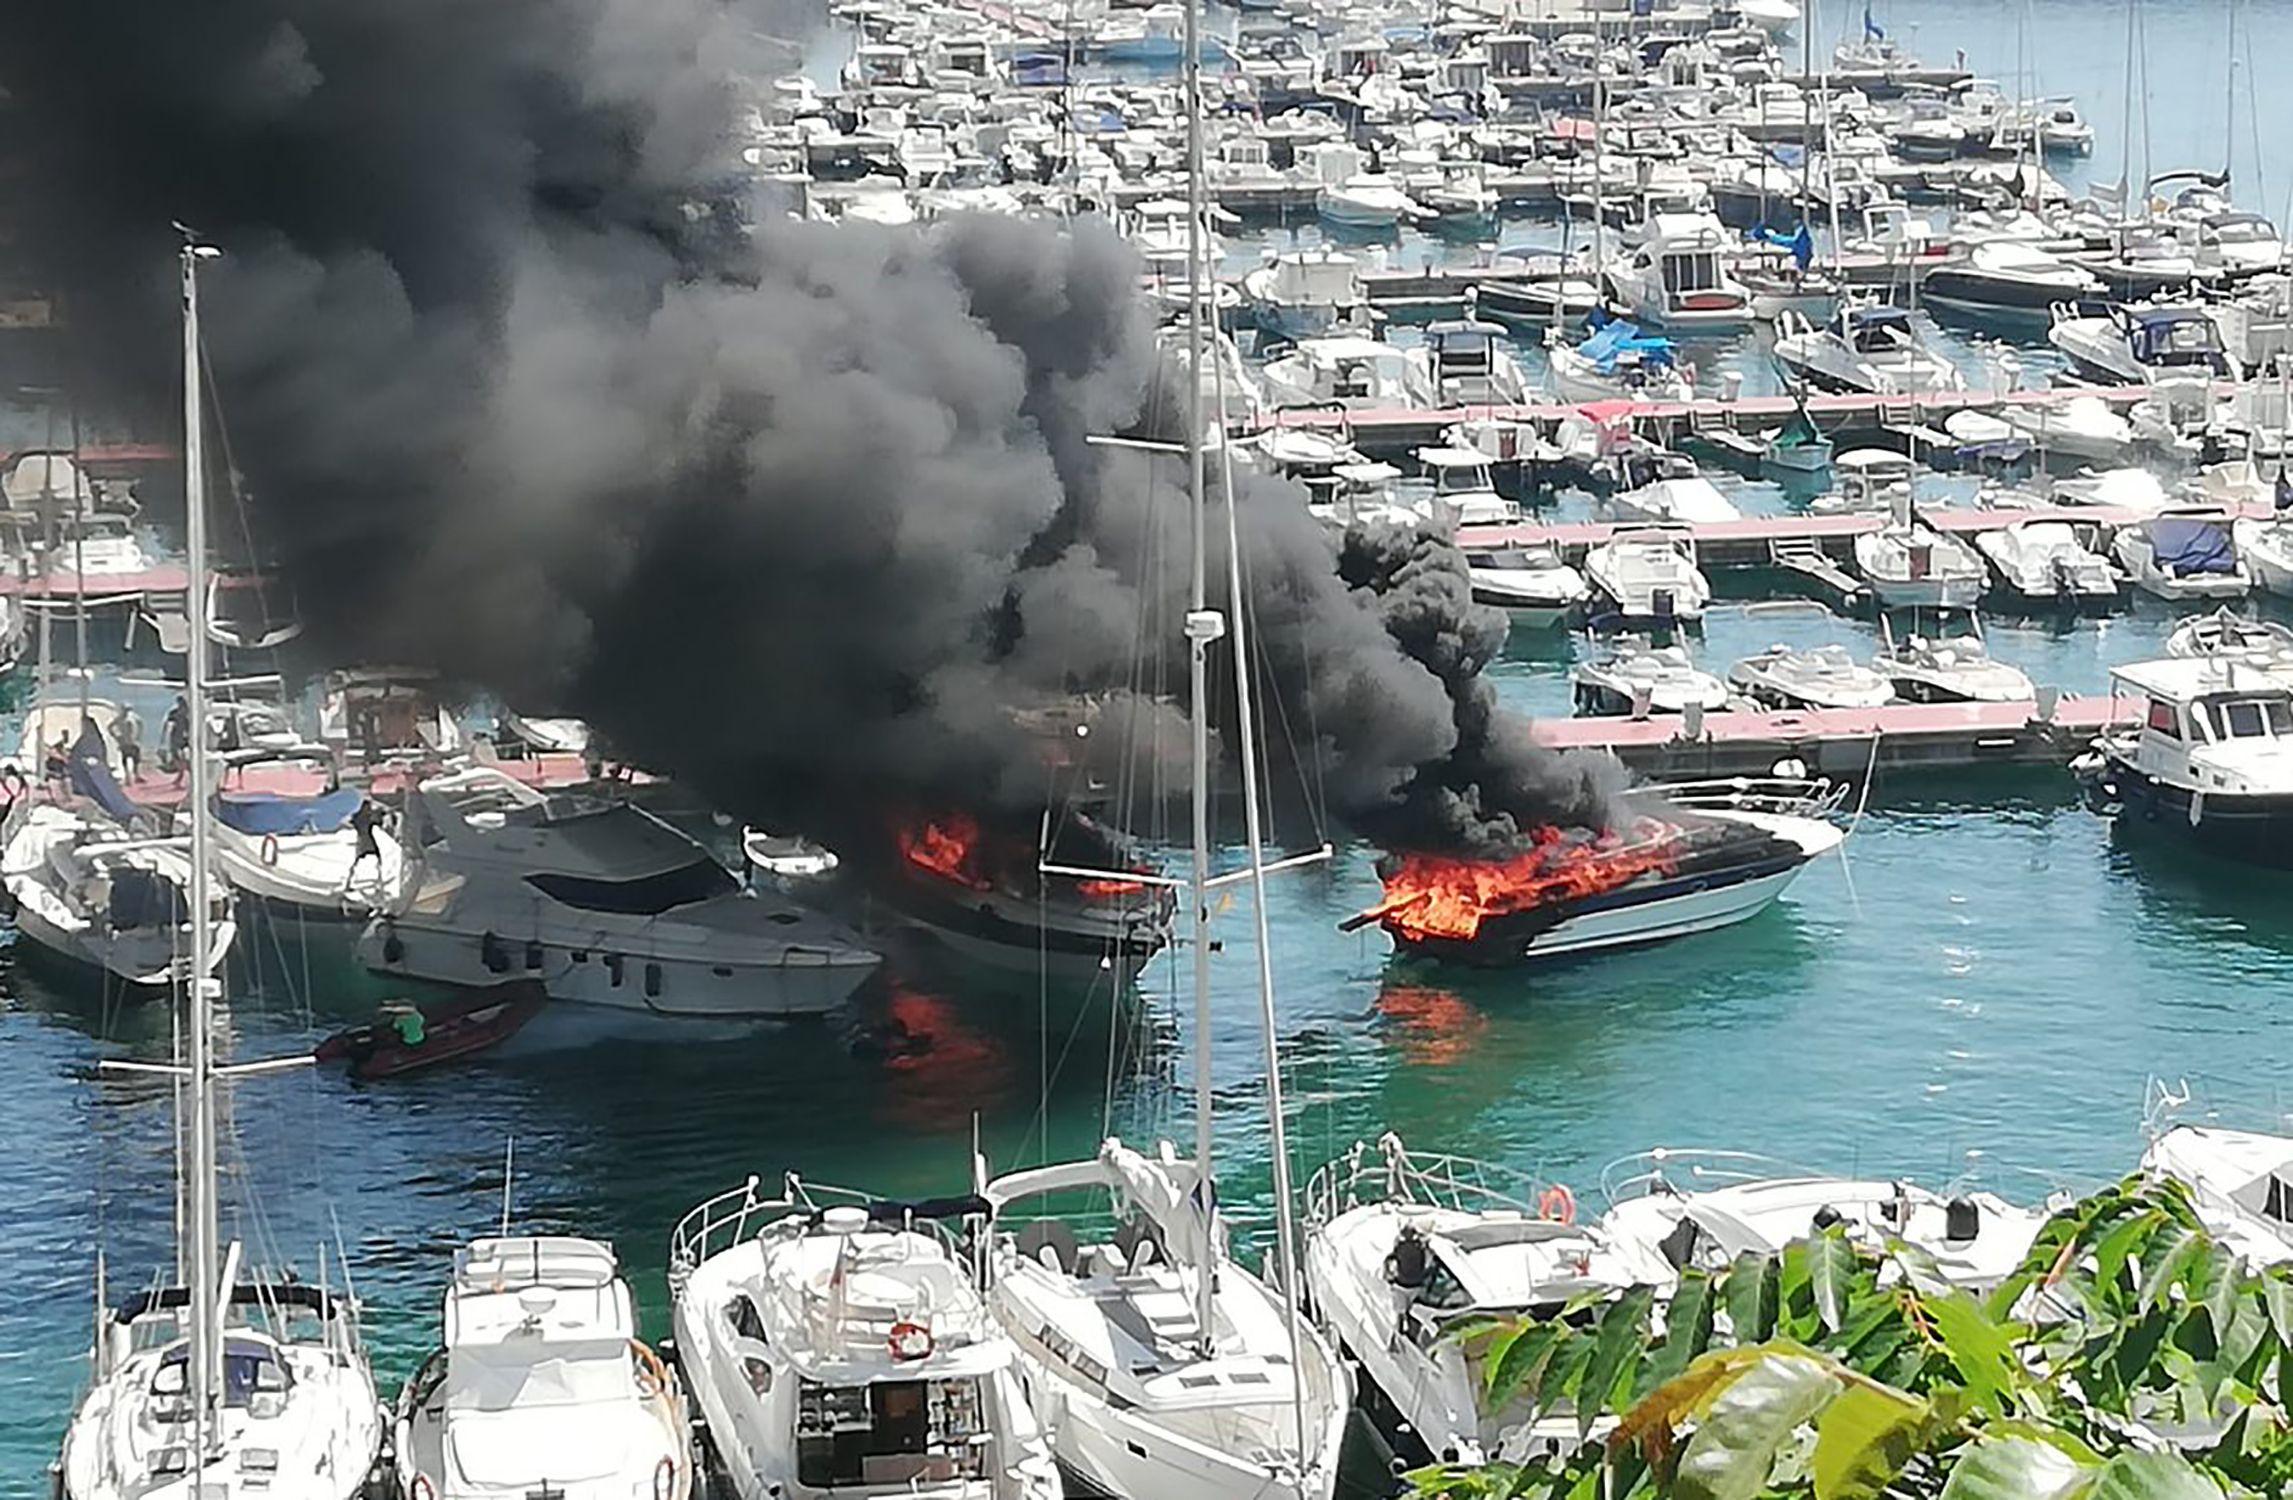 Accidentes leves de embarcaciones. Incendio de dos embarcaciones en Palamós - Diario el caso.elnacional.cat